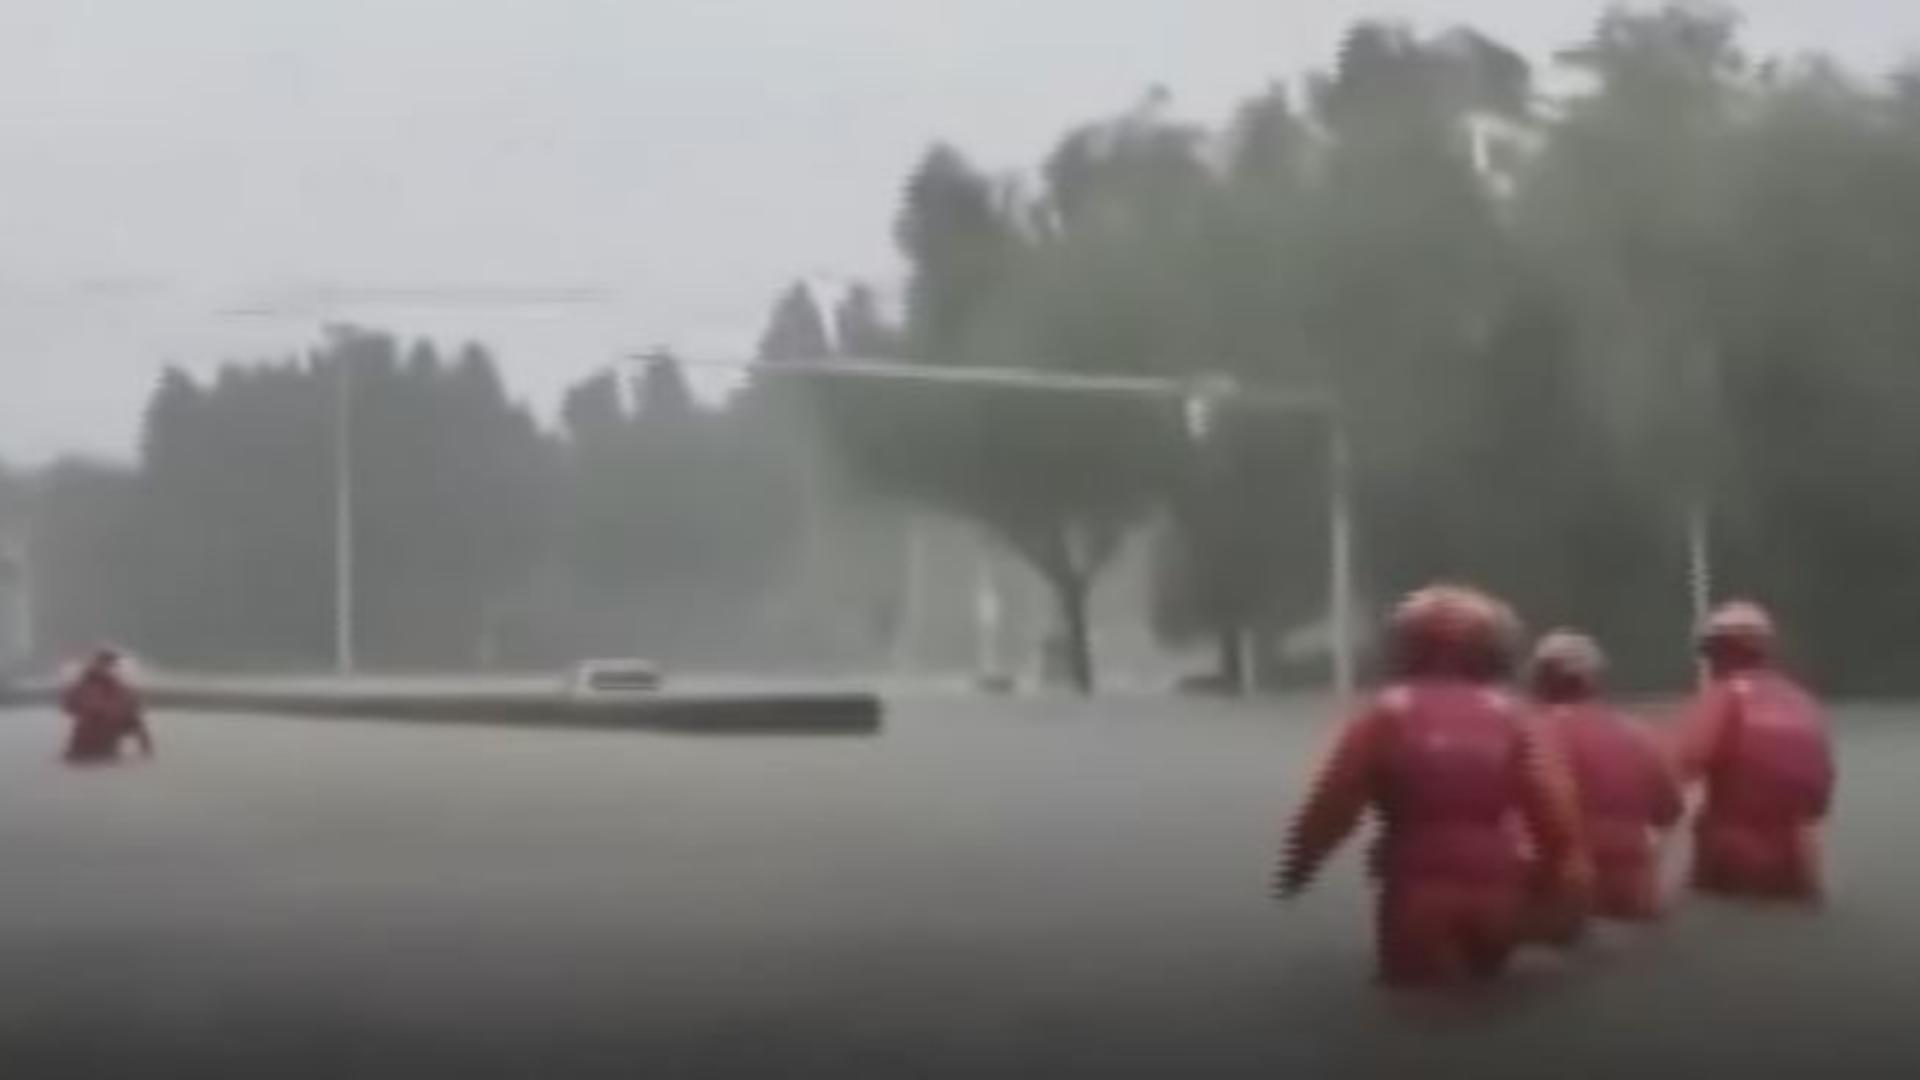 Bilanțul tragic al inundațiilor devastatoare din China a ajuns la 33 de morți și 8 dispăruți. Foto/Captură video